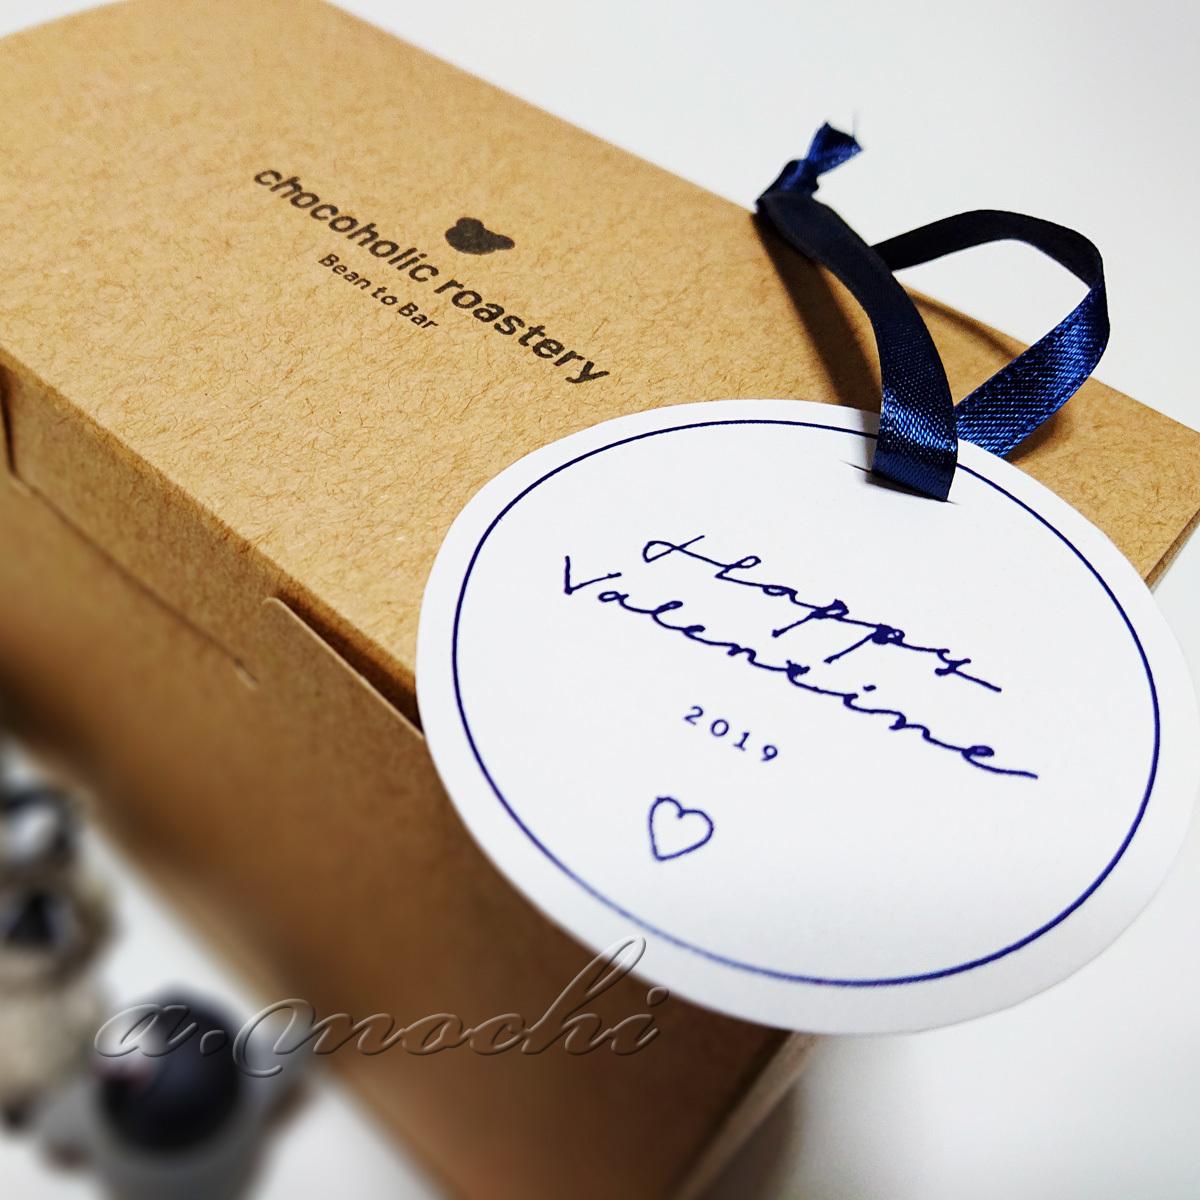 chocoholic7_valentine2.jpg